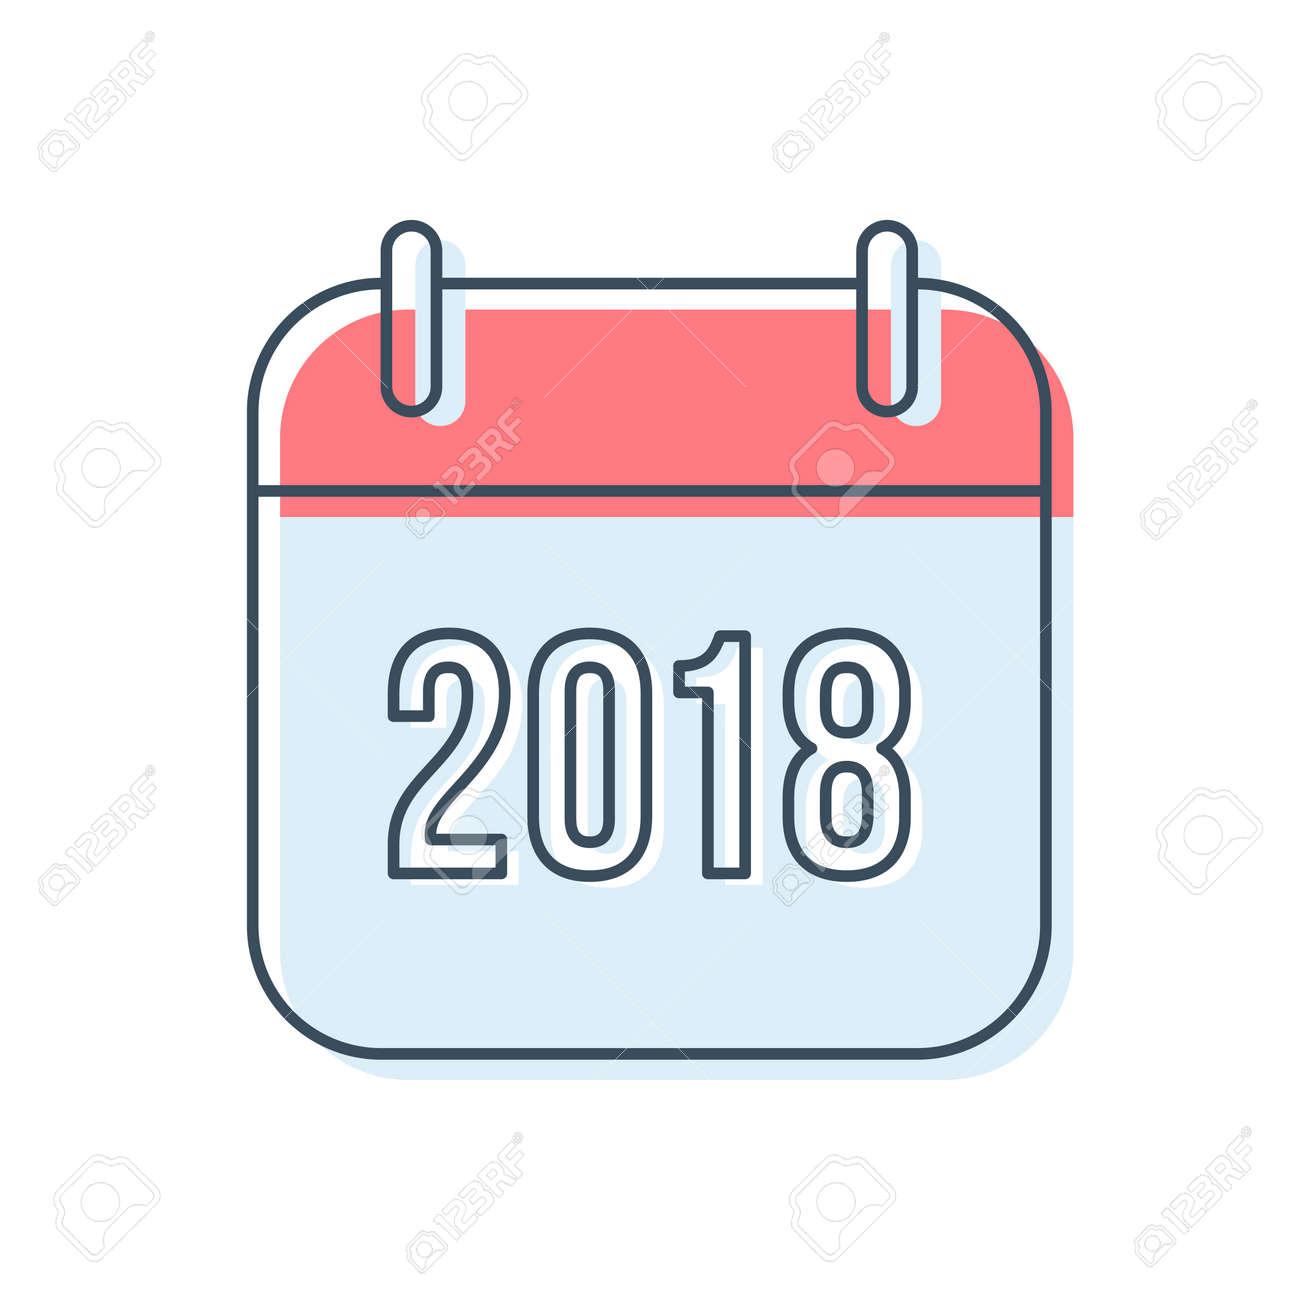 Calendario A Strappo.Felice Anno Nuovo 2018 Icona Del Calendario A Strappo In Stile Linea Piatta Isolato Su Priorita Bassa Bianca Disegno Del Simbolo Di Promemoria Per